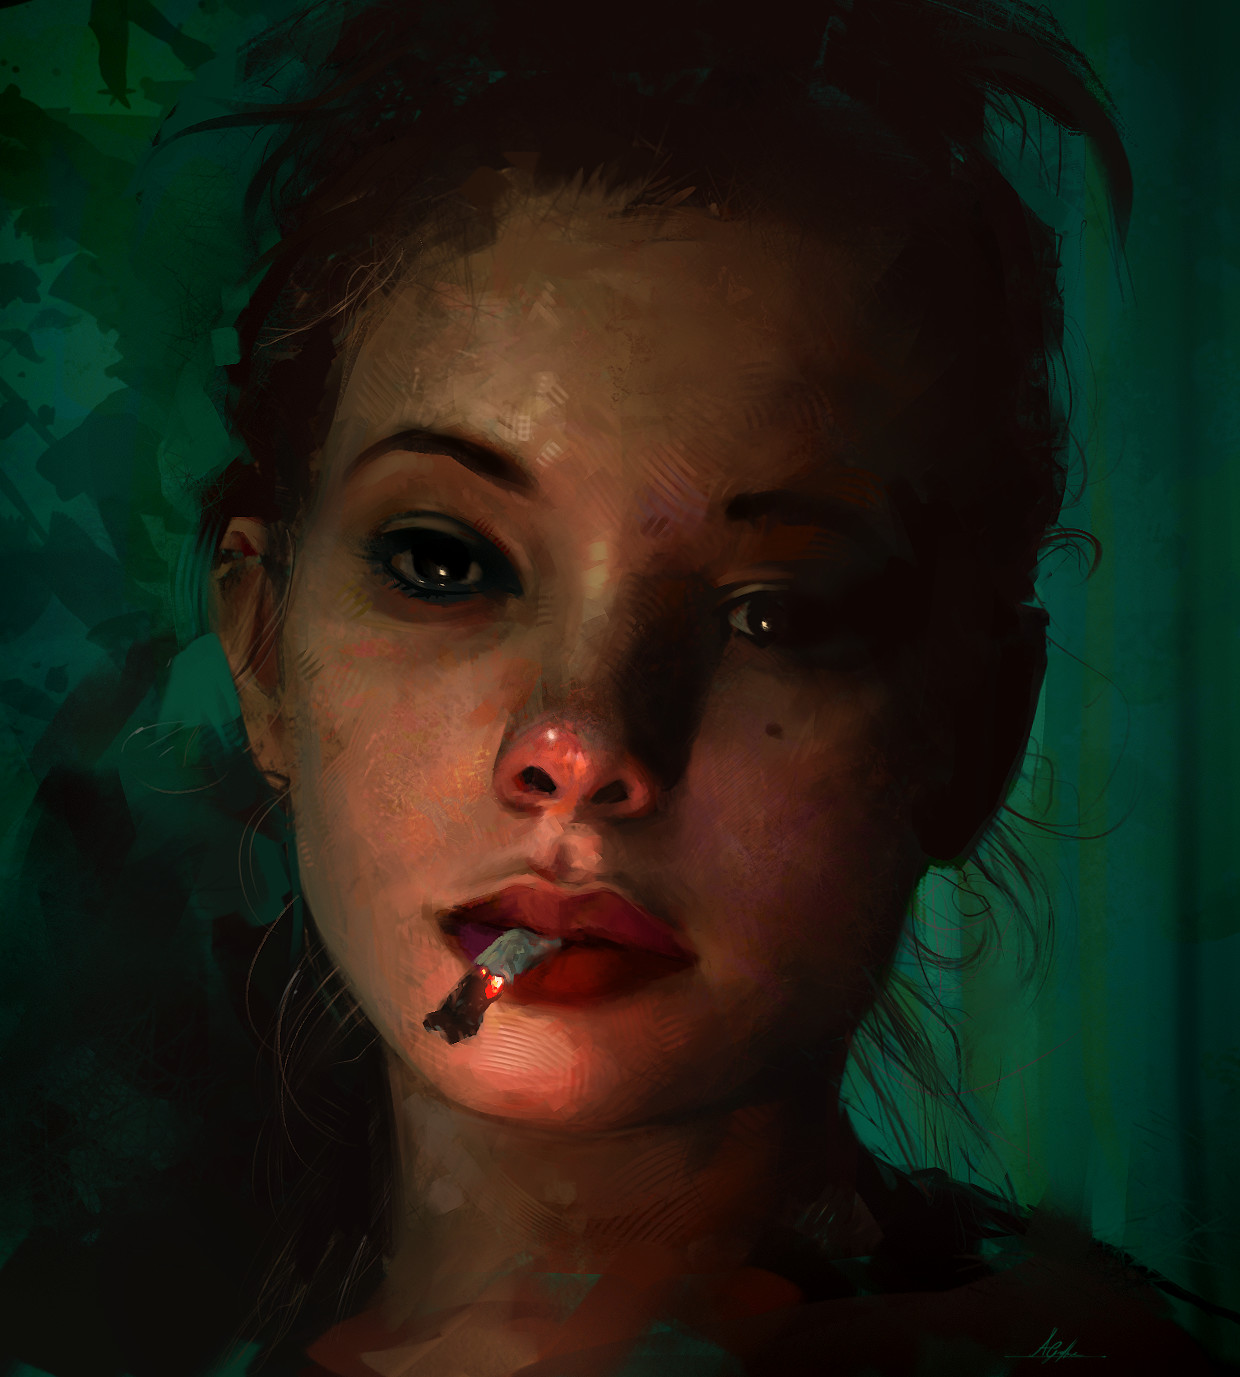 Aaron griffin cigarette portrait